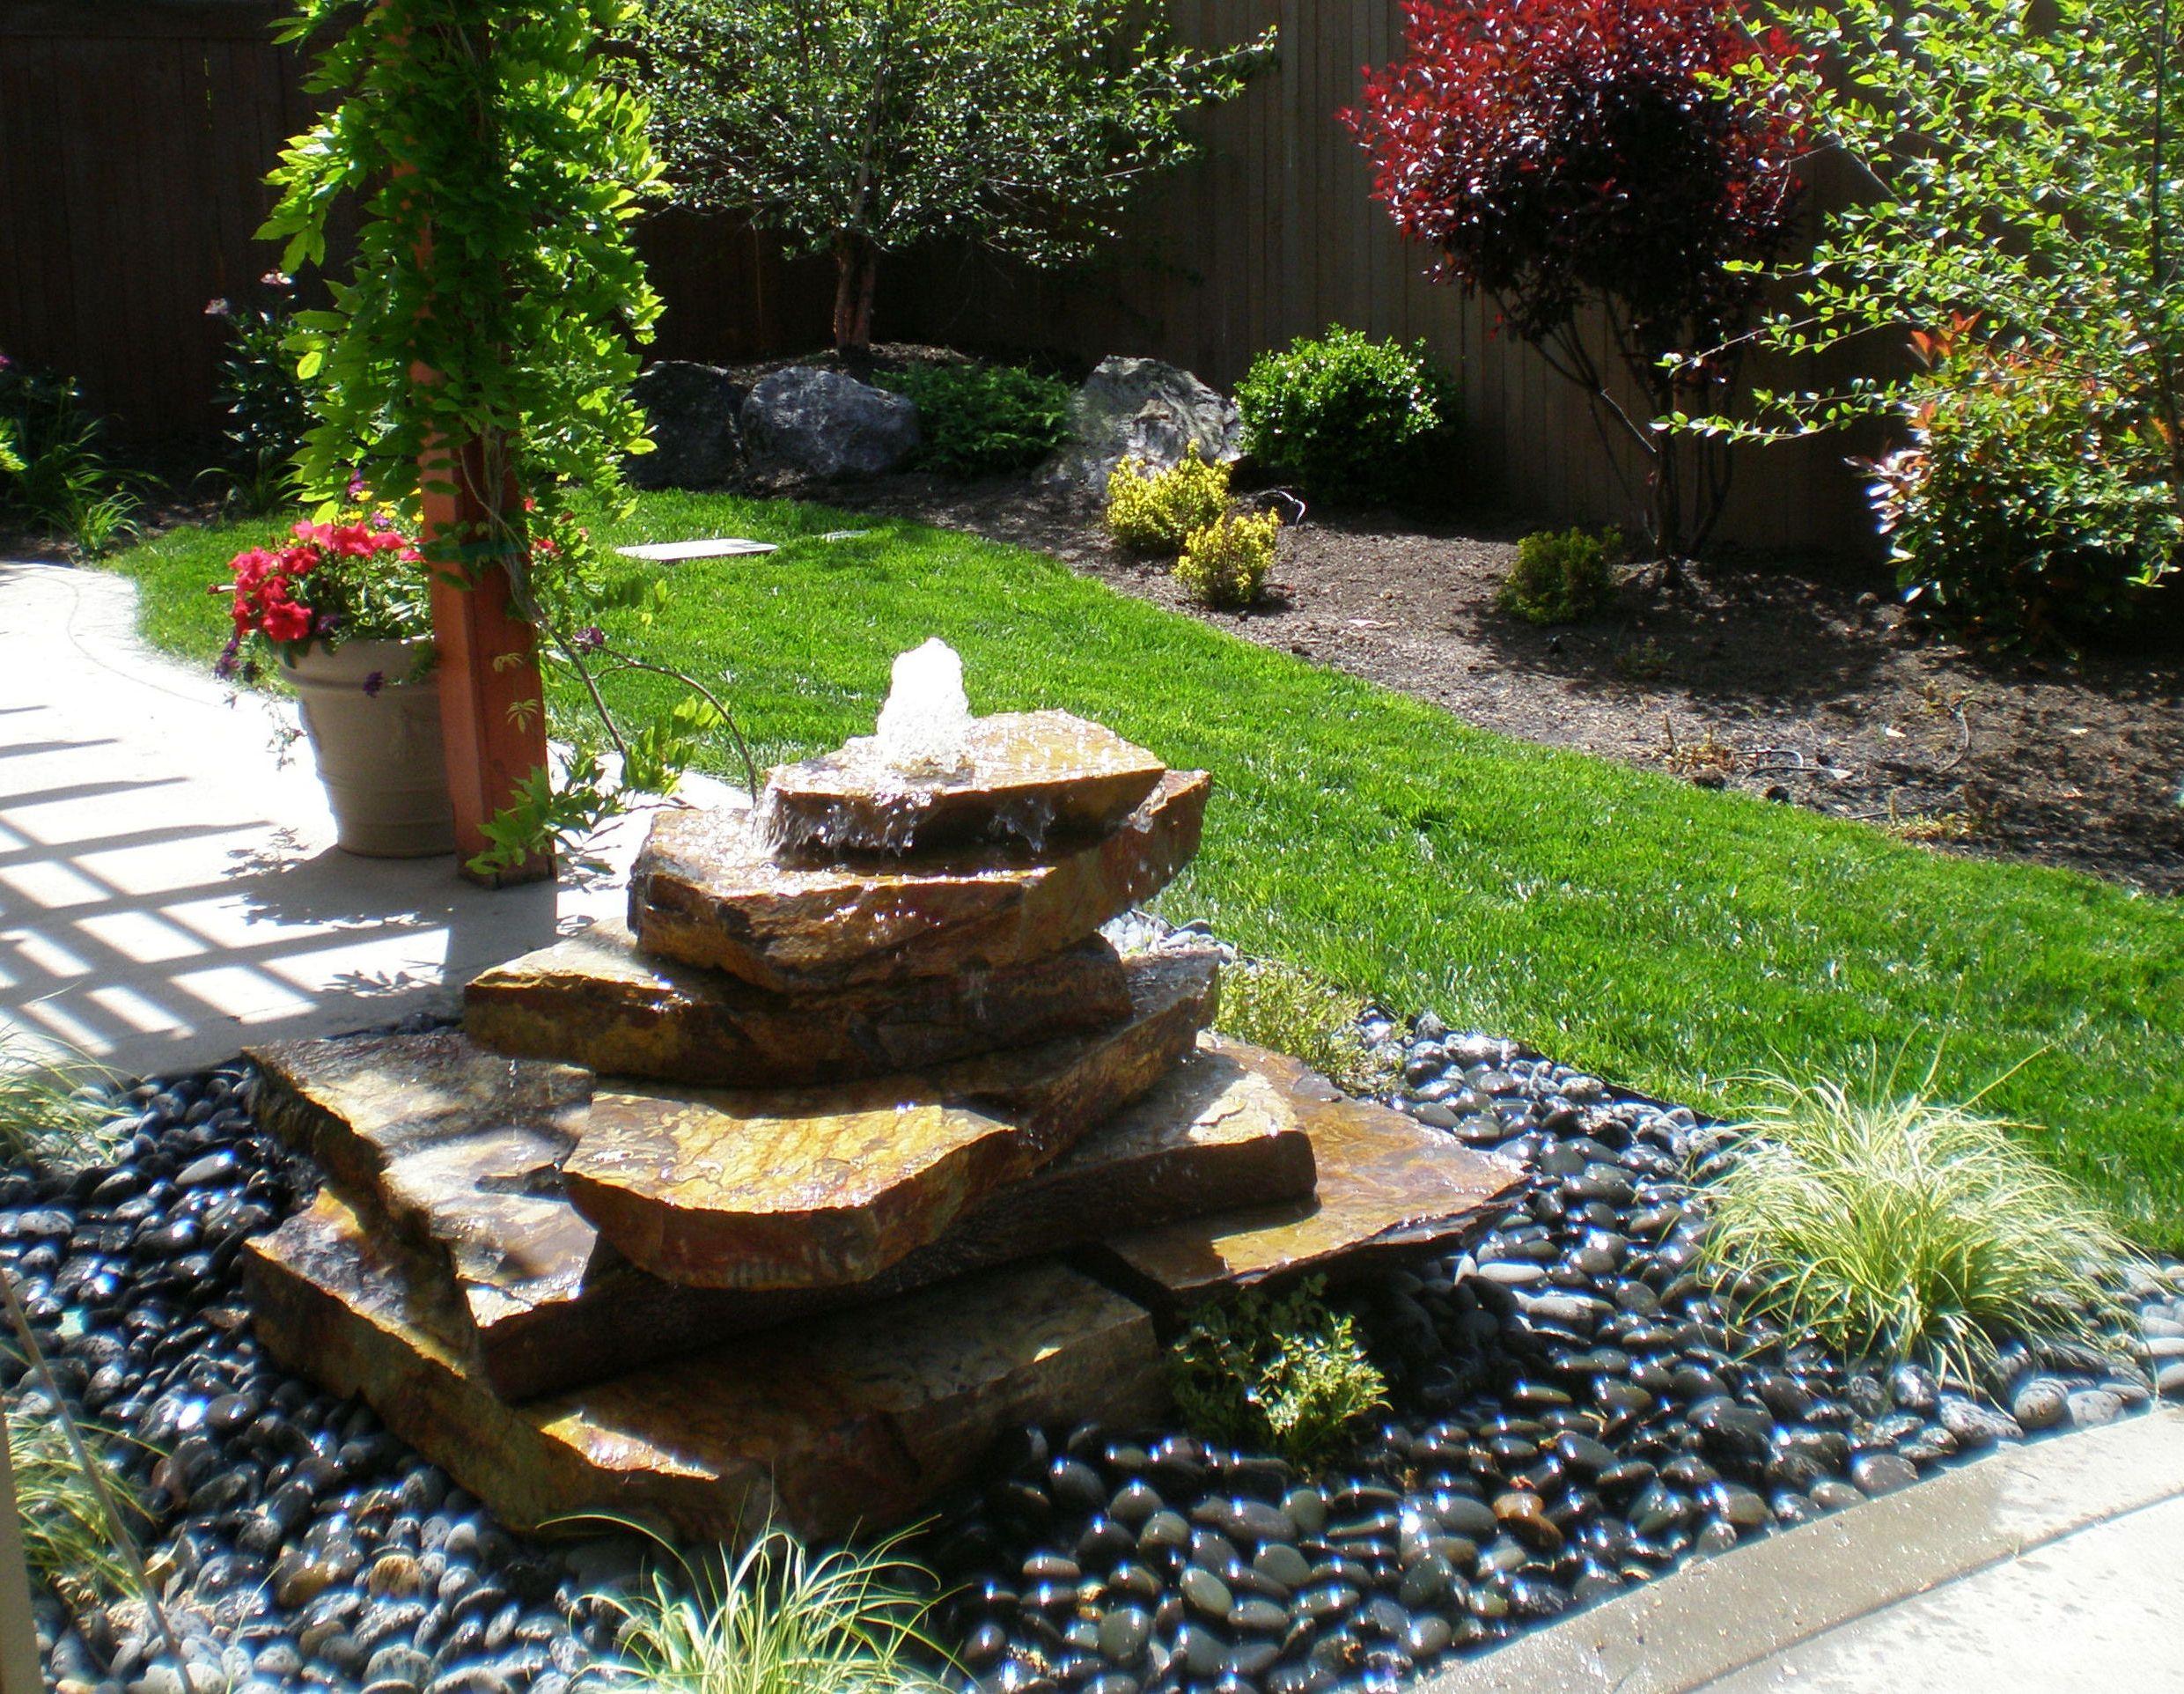 Garden fountains ideas hawk haven garden fountains ideas photo 9 solutioingenieria Image collections